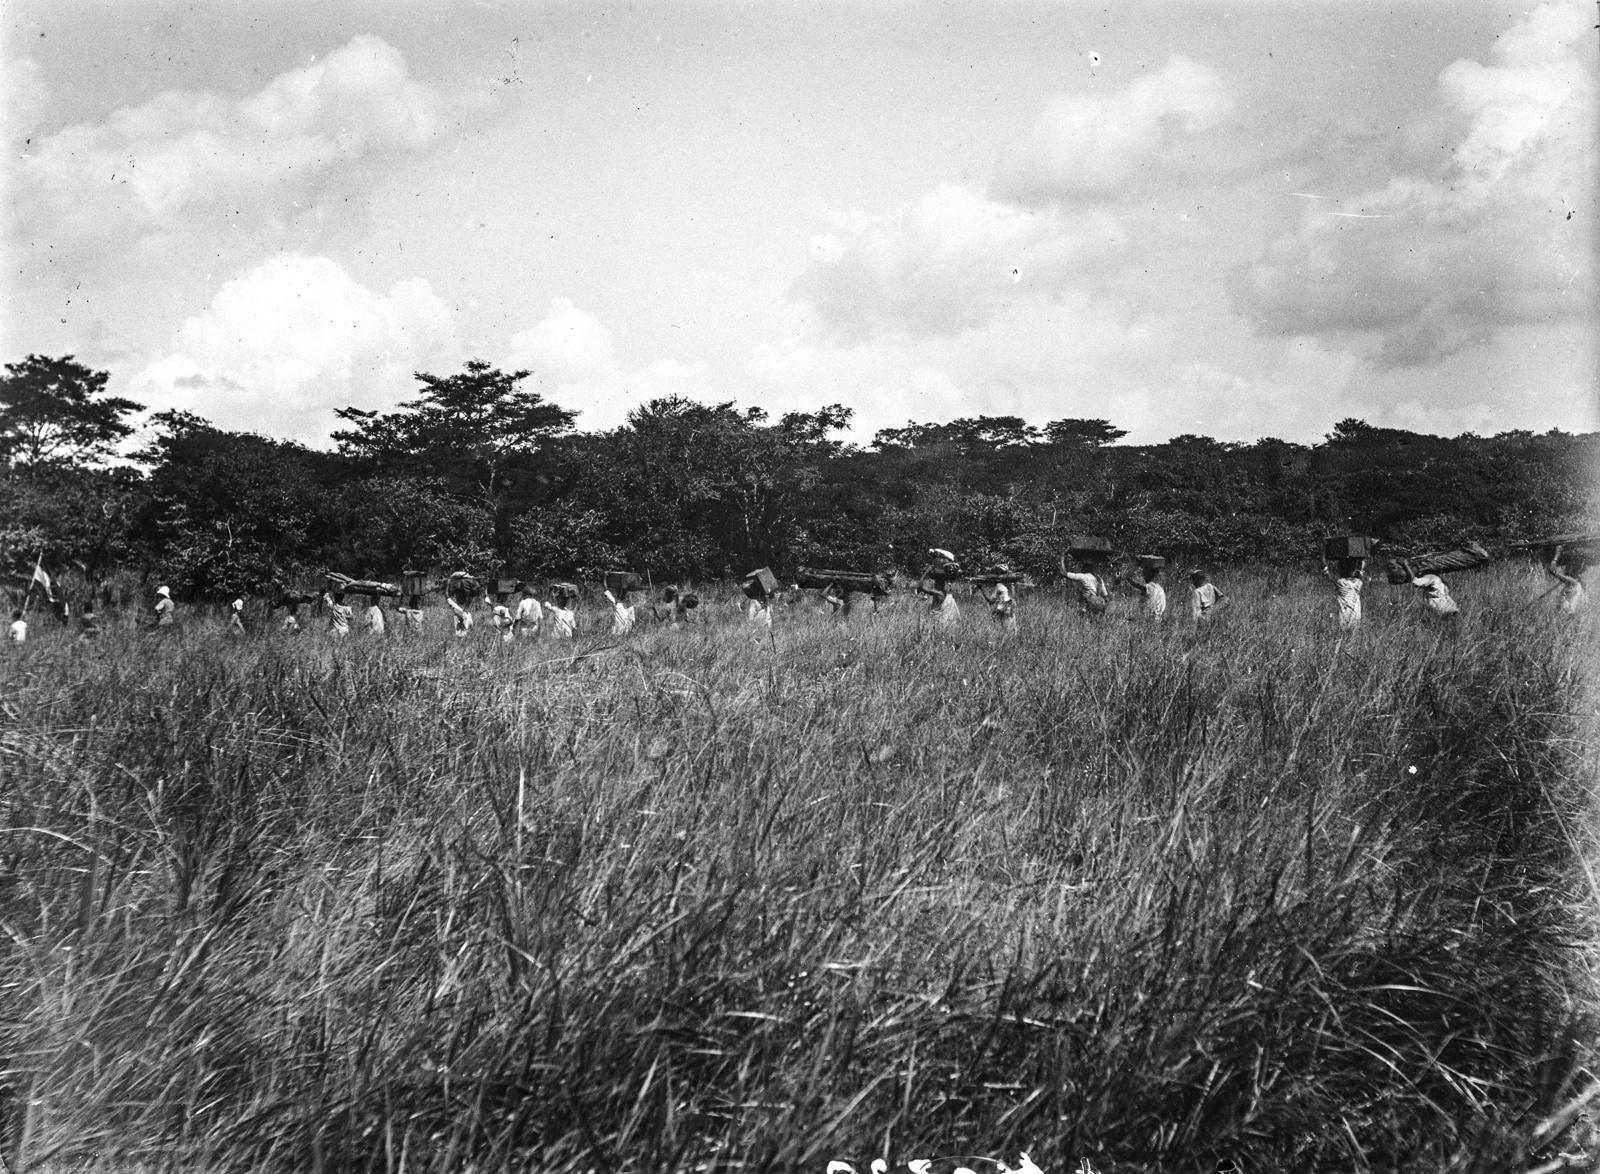 37. Экспедиция пробирается сквозь высокой траве